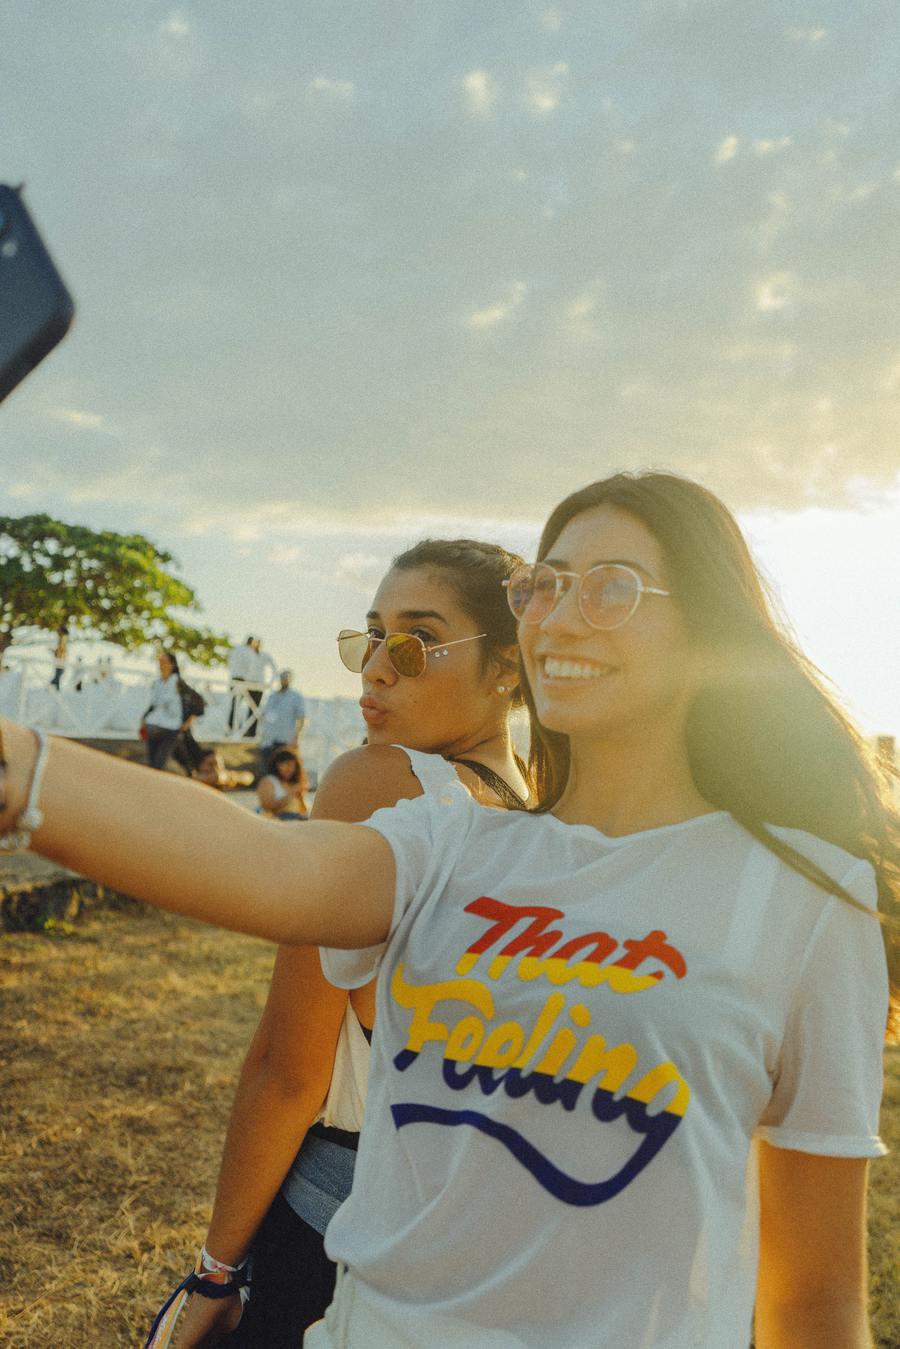 Dos chicas tomando una selfie en la playa